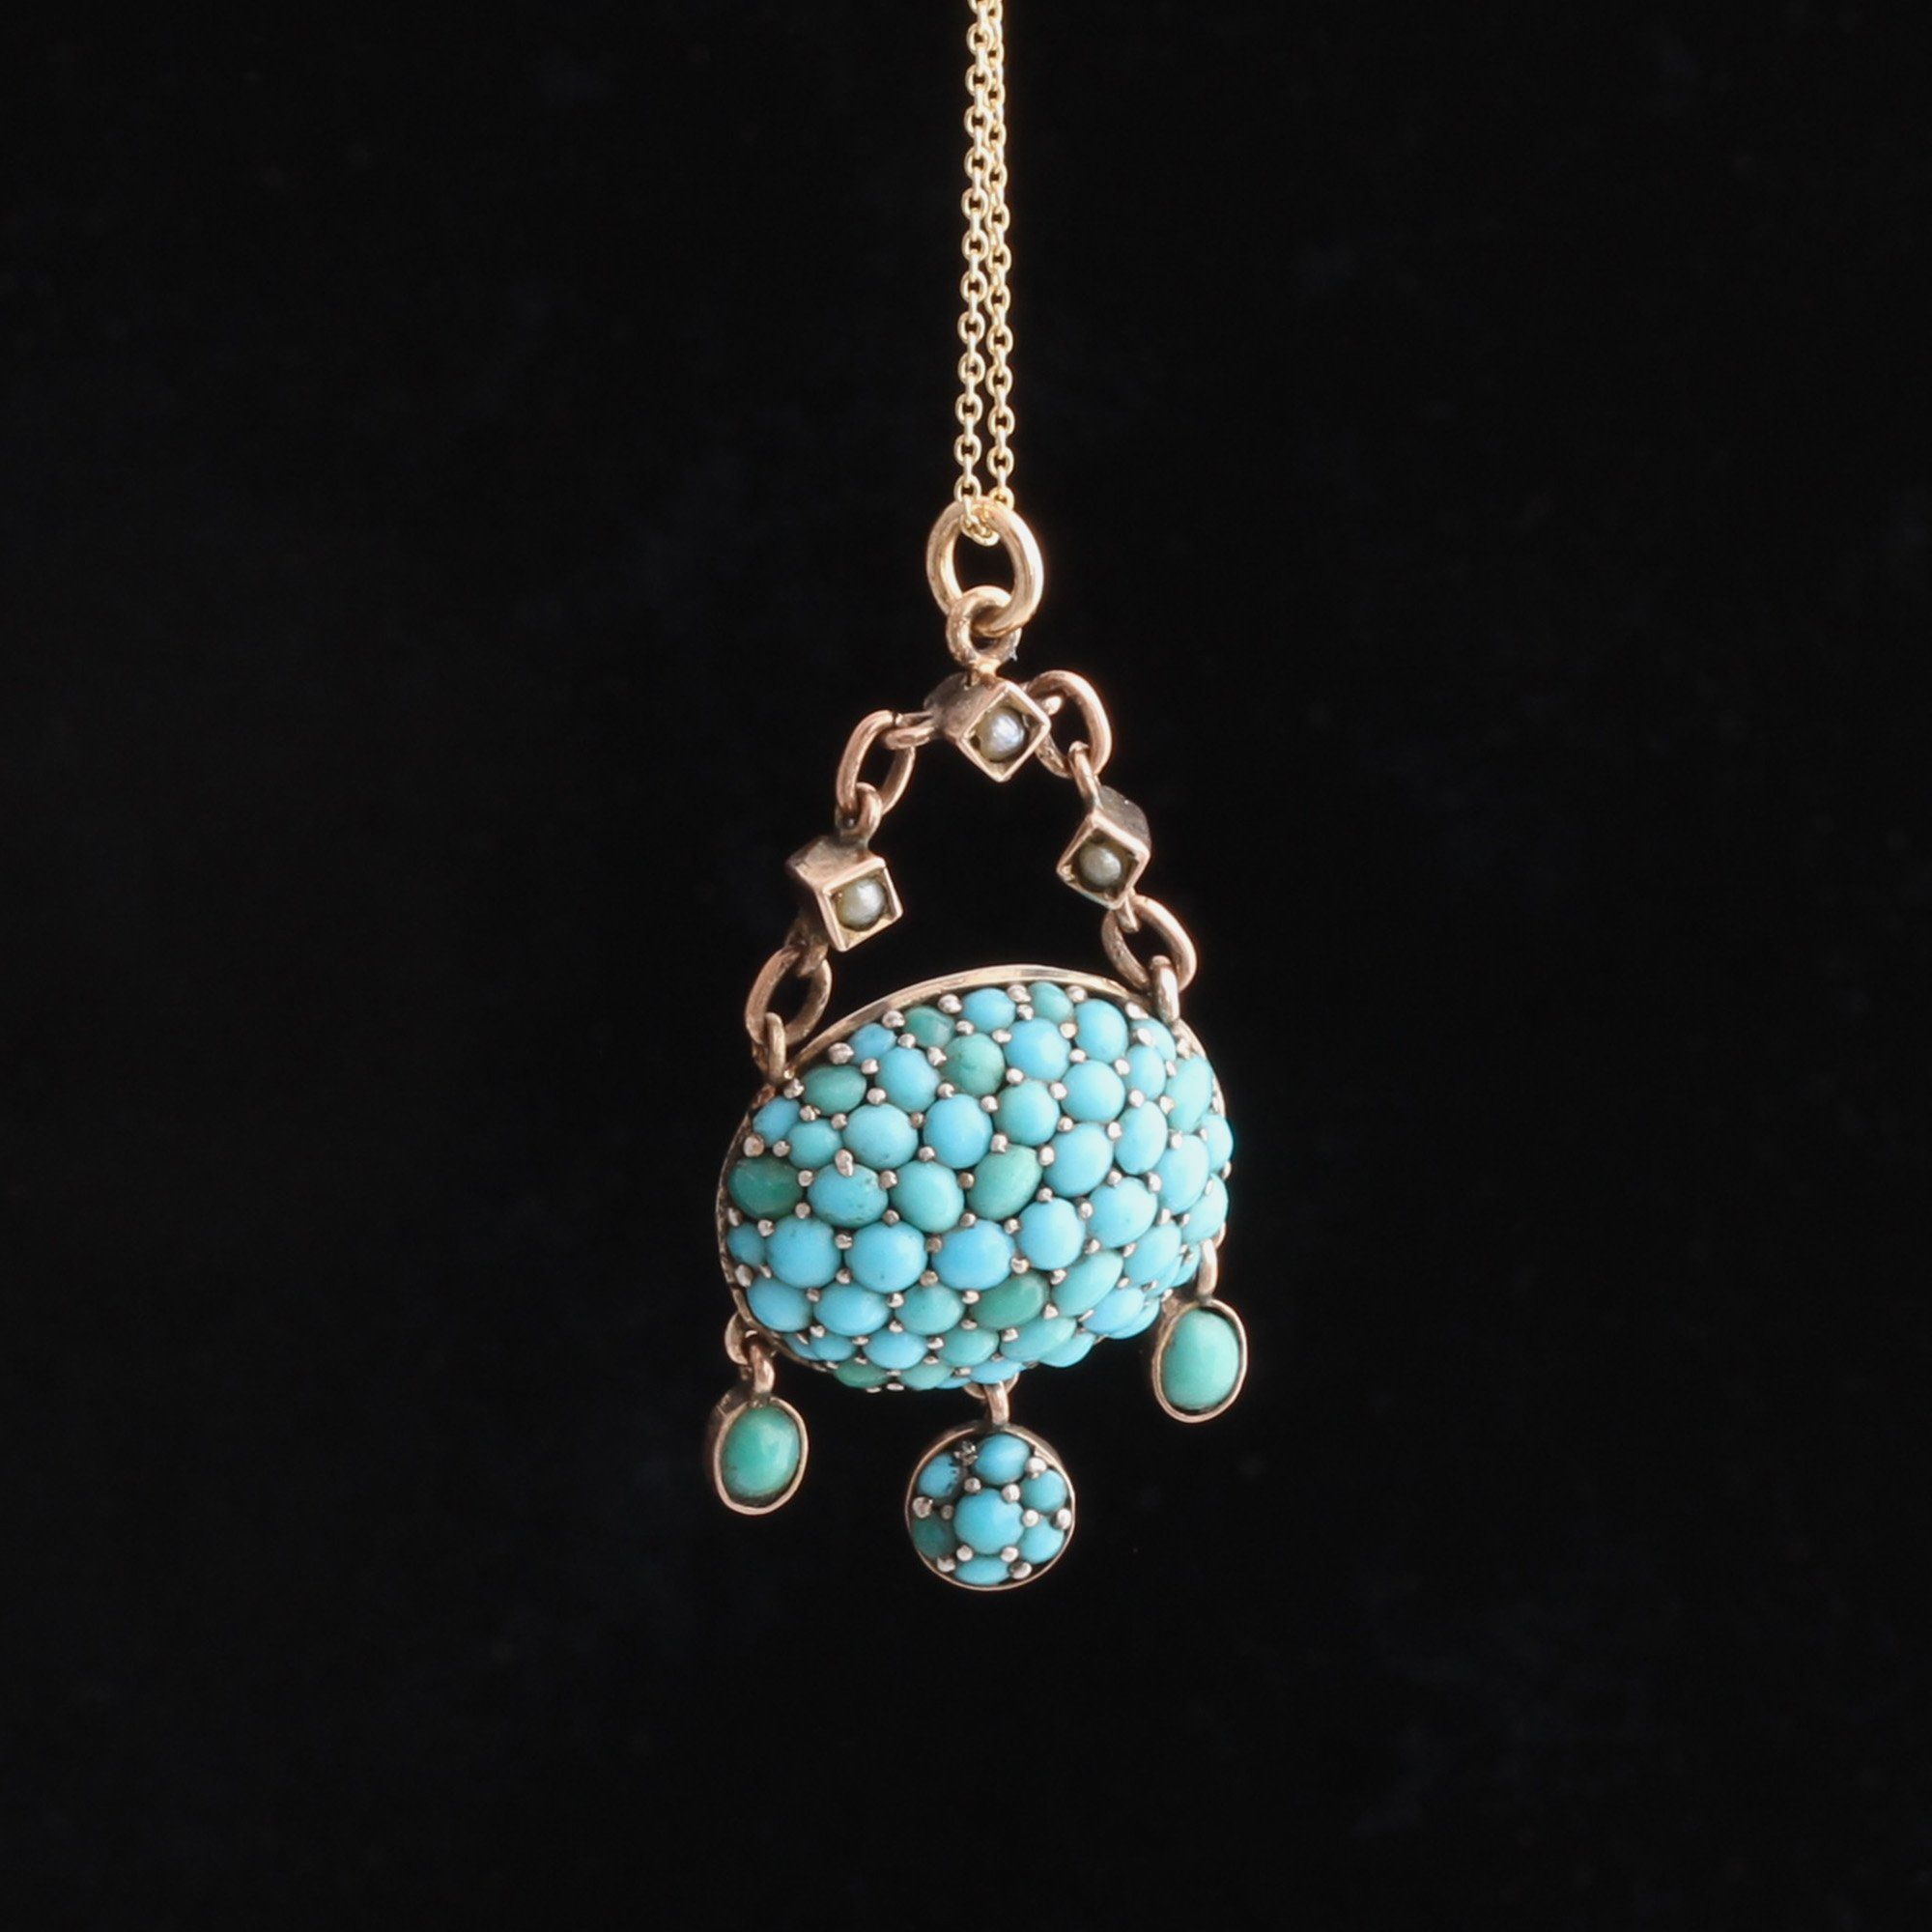 Victorian Turquoise Pavé Pendant